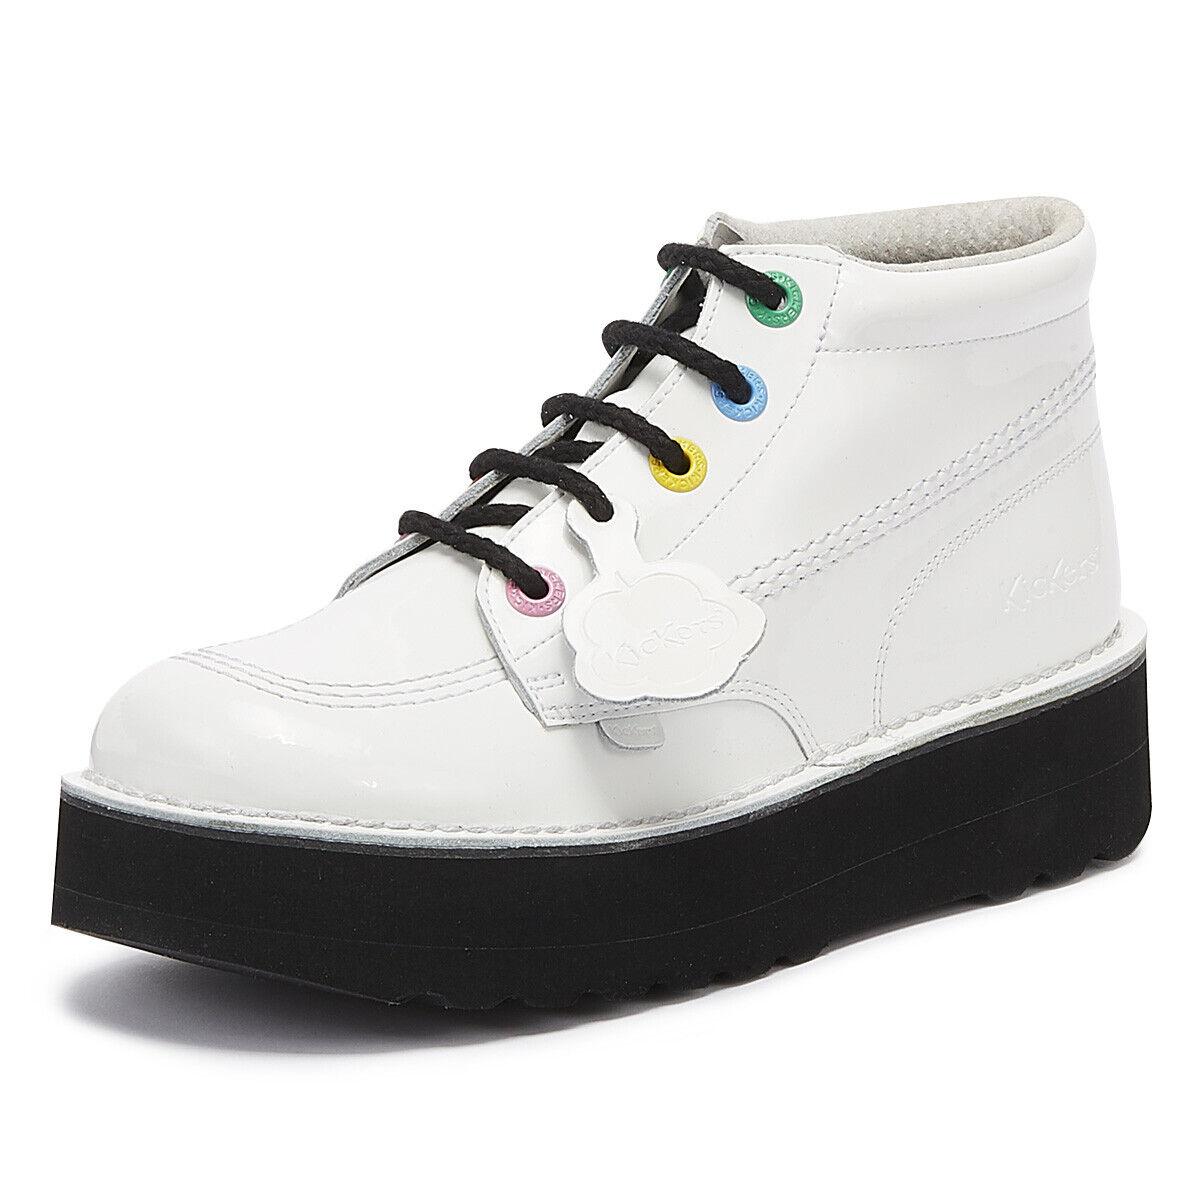 Kickers Kick Hi Pila de cuero para mujer botas blancoo con Cordones de las plataformas señoras